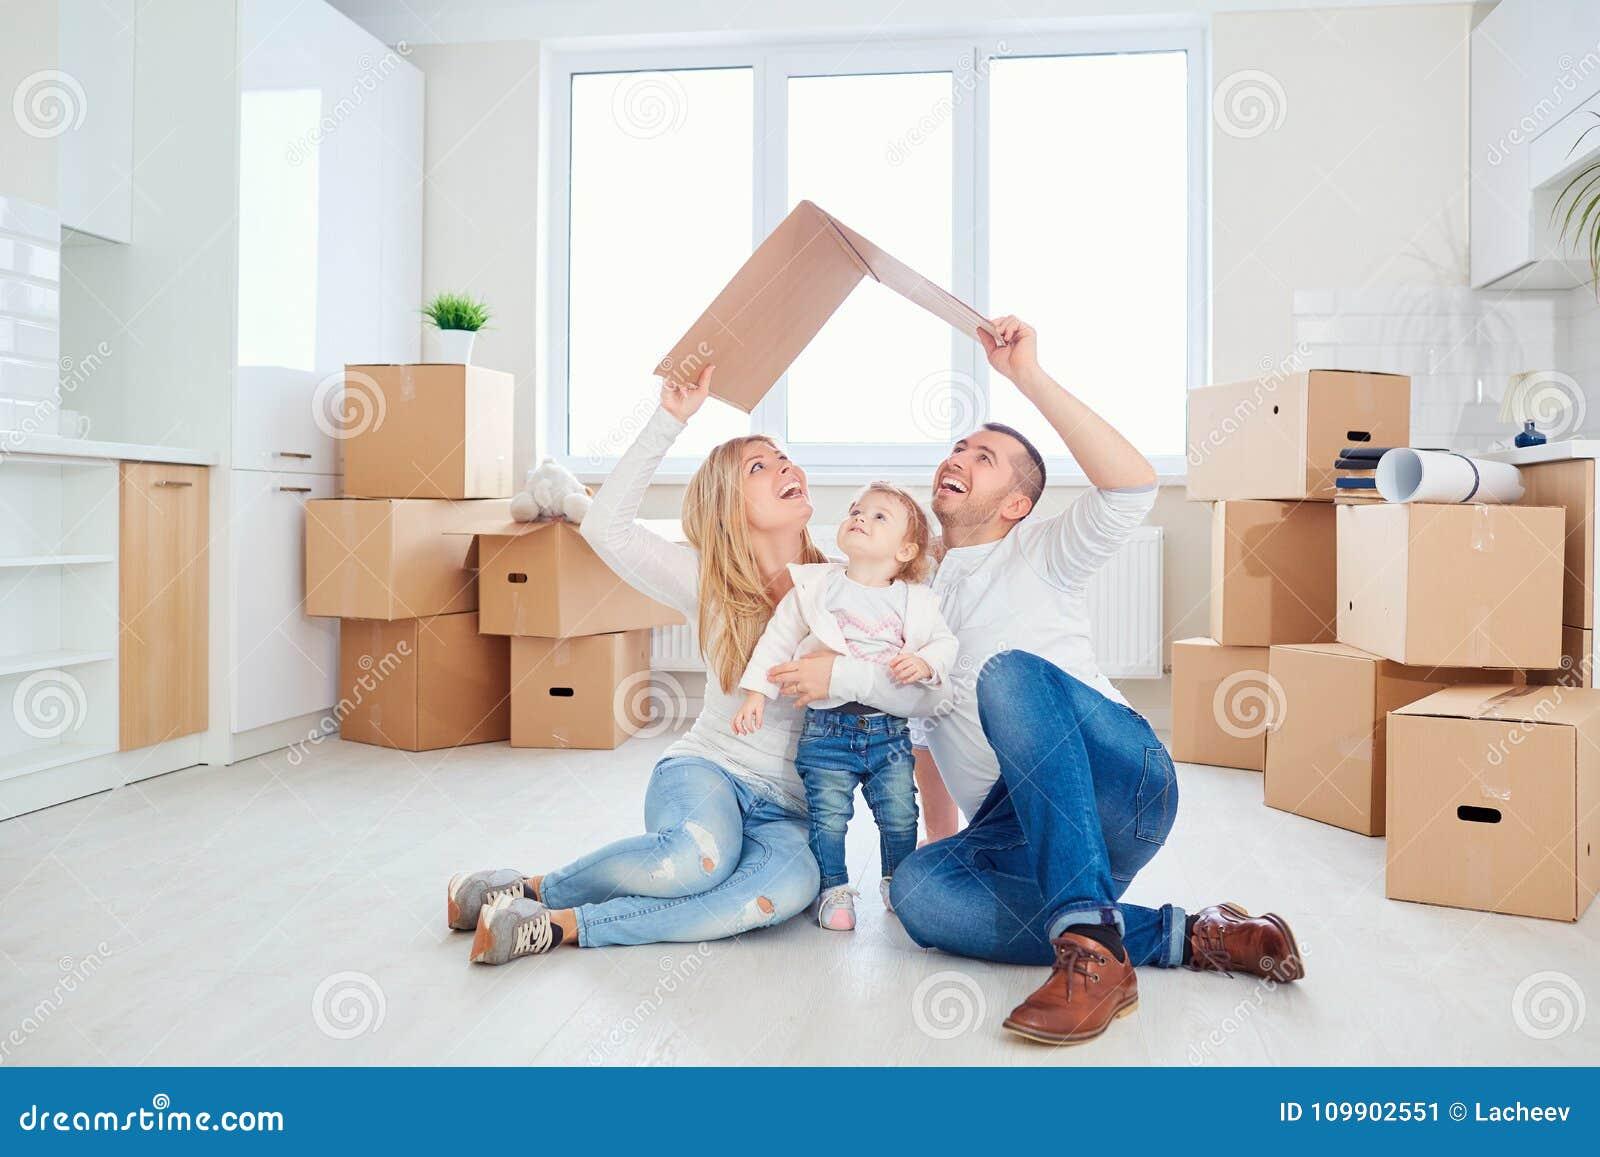 Una famiglia felice si muove verso un nuovo appartamento